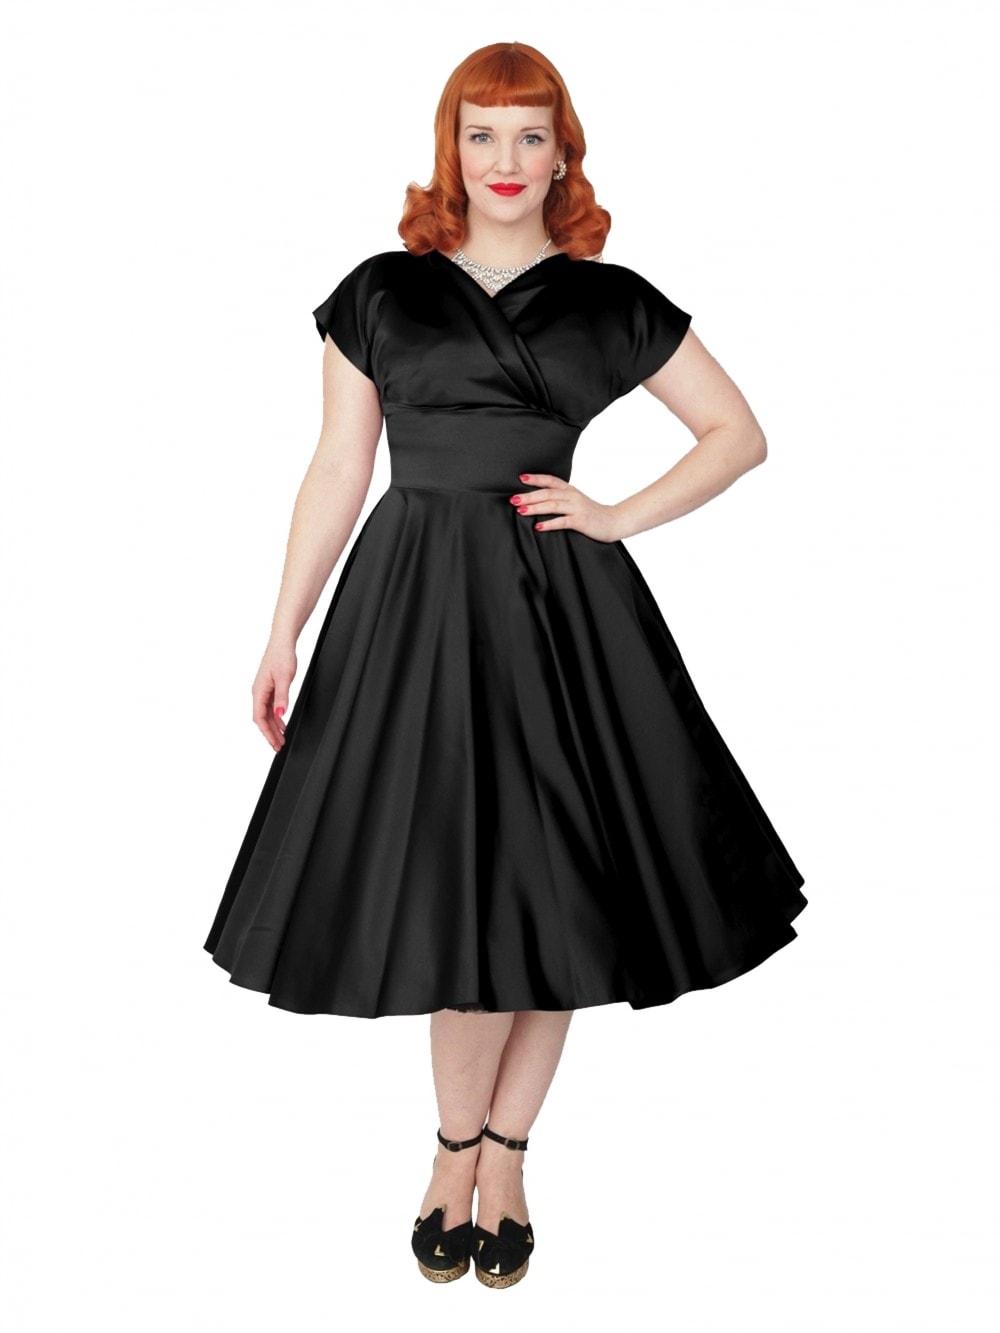 Grace Dress Black Duchess from Vivien of Holloway